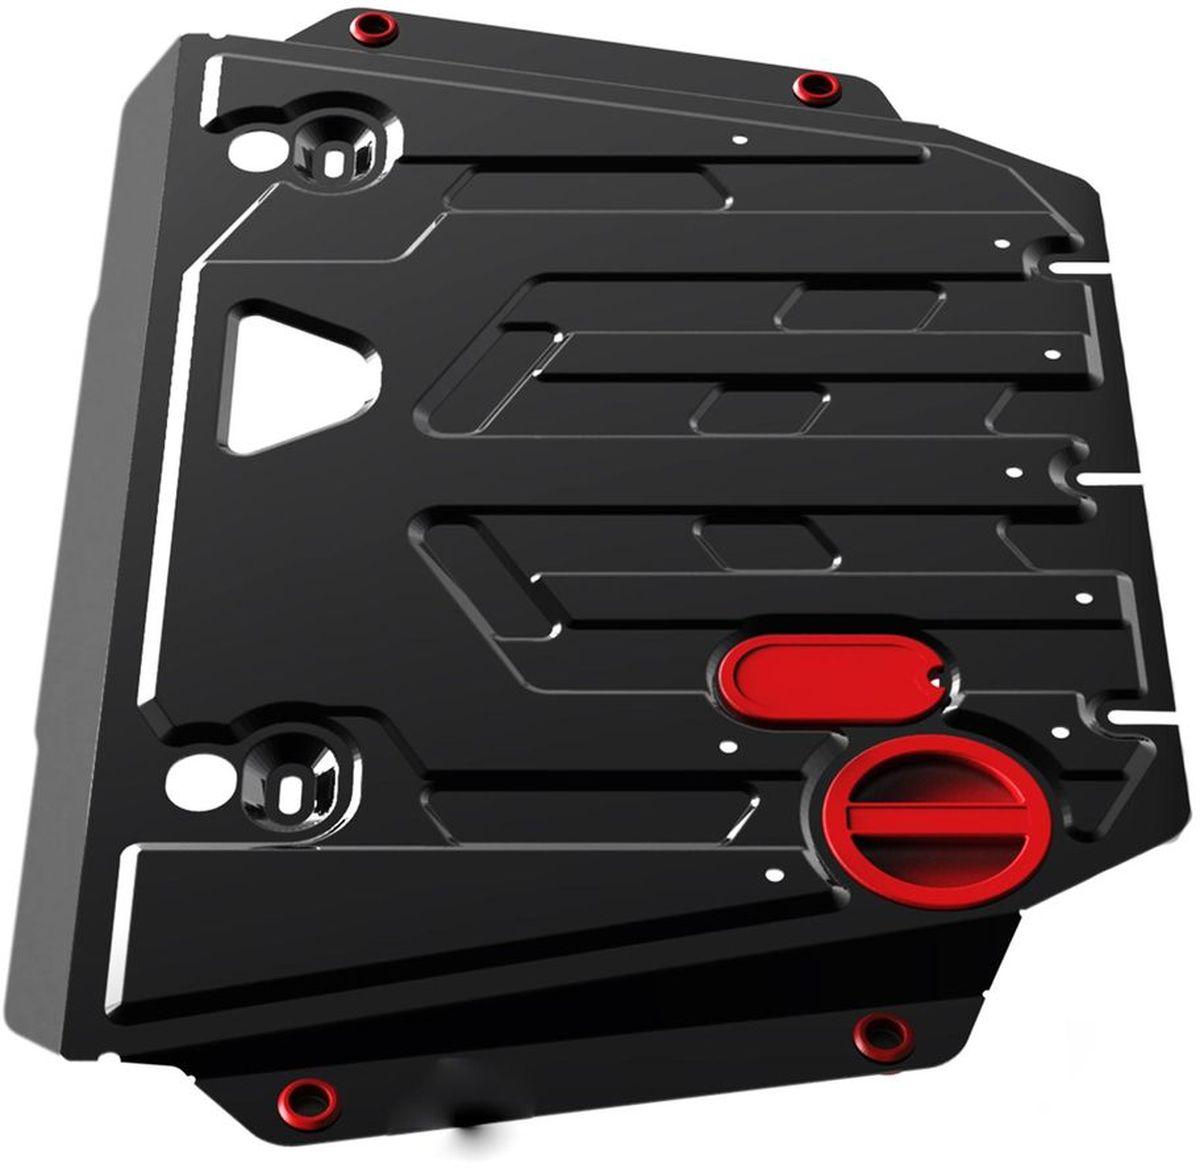 Защита картера и КПП Автоброня, для Kia Picanto V - 1,0; 1,1 (2007-2011)111.02804.2Технологически совершенный продукт за невысокую стоимость. Защита разработана с учетом особенностей днища автомобиля, что позволяет сохранить дорожный просвет с минимальным изменением. Защита устанавливается в штатные места кузова автомобиля. Глубокий штамп обеспечивает до двух раз больше жесткости в сравнении с обычной защитой той же толщины. Проштампованные ребра жесткости препятствуют деформации защиты при ударах. Тепловой зазор и вентиляционные отверстия обеспечивают сохранение температурного режима двигателя в норме. Скрытый крепеж предотвращает срыв крепежных элементов при наезде на препятствие. Шумопоглощающие резиновые элементы обеспечивают комфортную езду без вибраций и скрежета металла, а съемные лючки для слива масла и замены фильтра - экономию средств и время. Конструкция изделия не влияет на пассивную безопасность автомобиля (при ударе защита не воздействует на деформационные зоны кузова). Со штатным крепежом. В комплекте инструкция по установке....